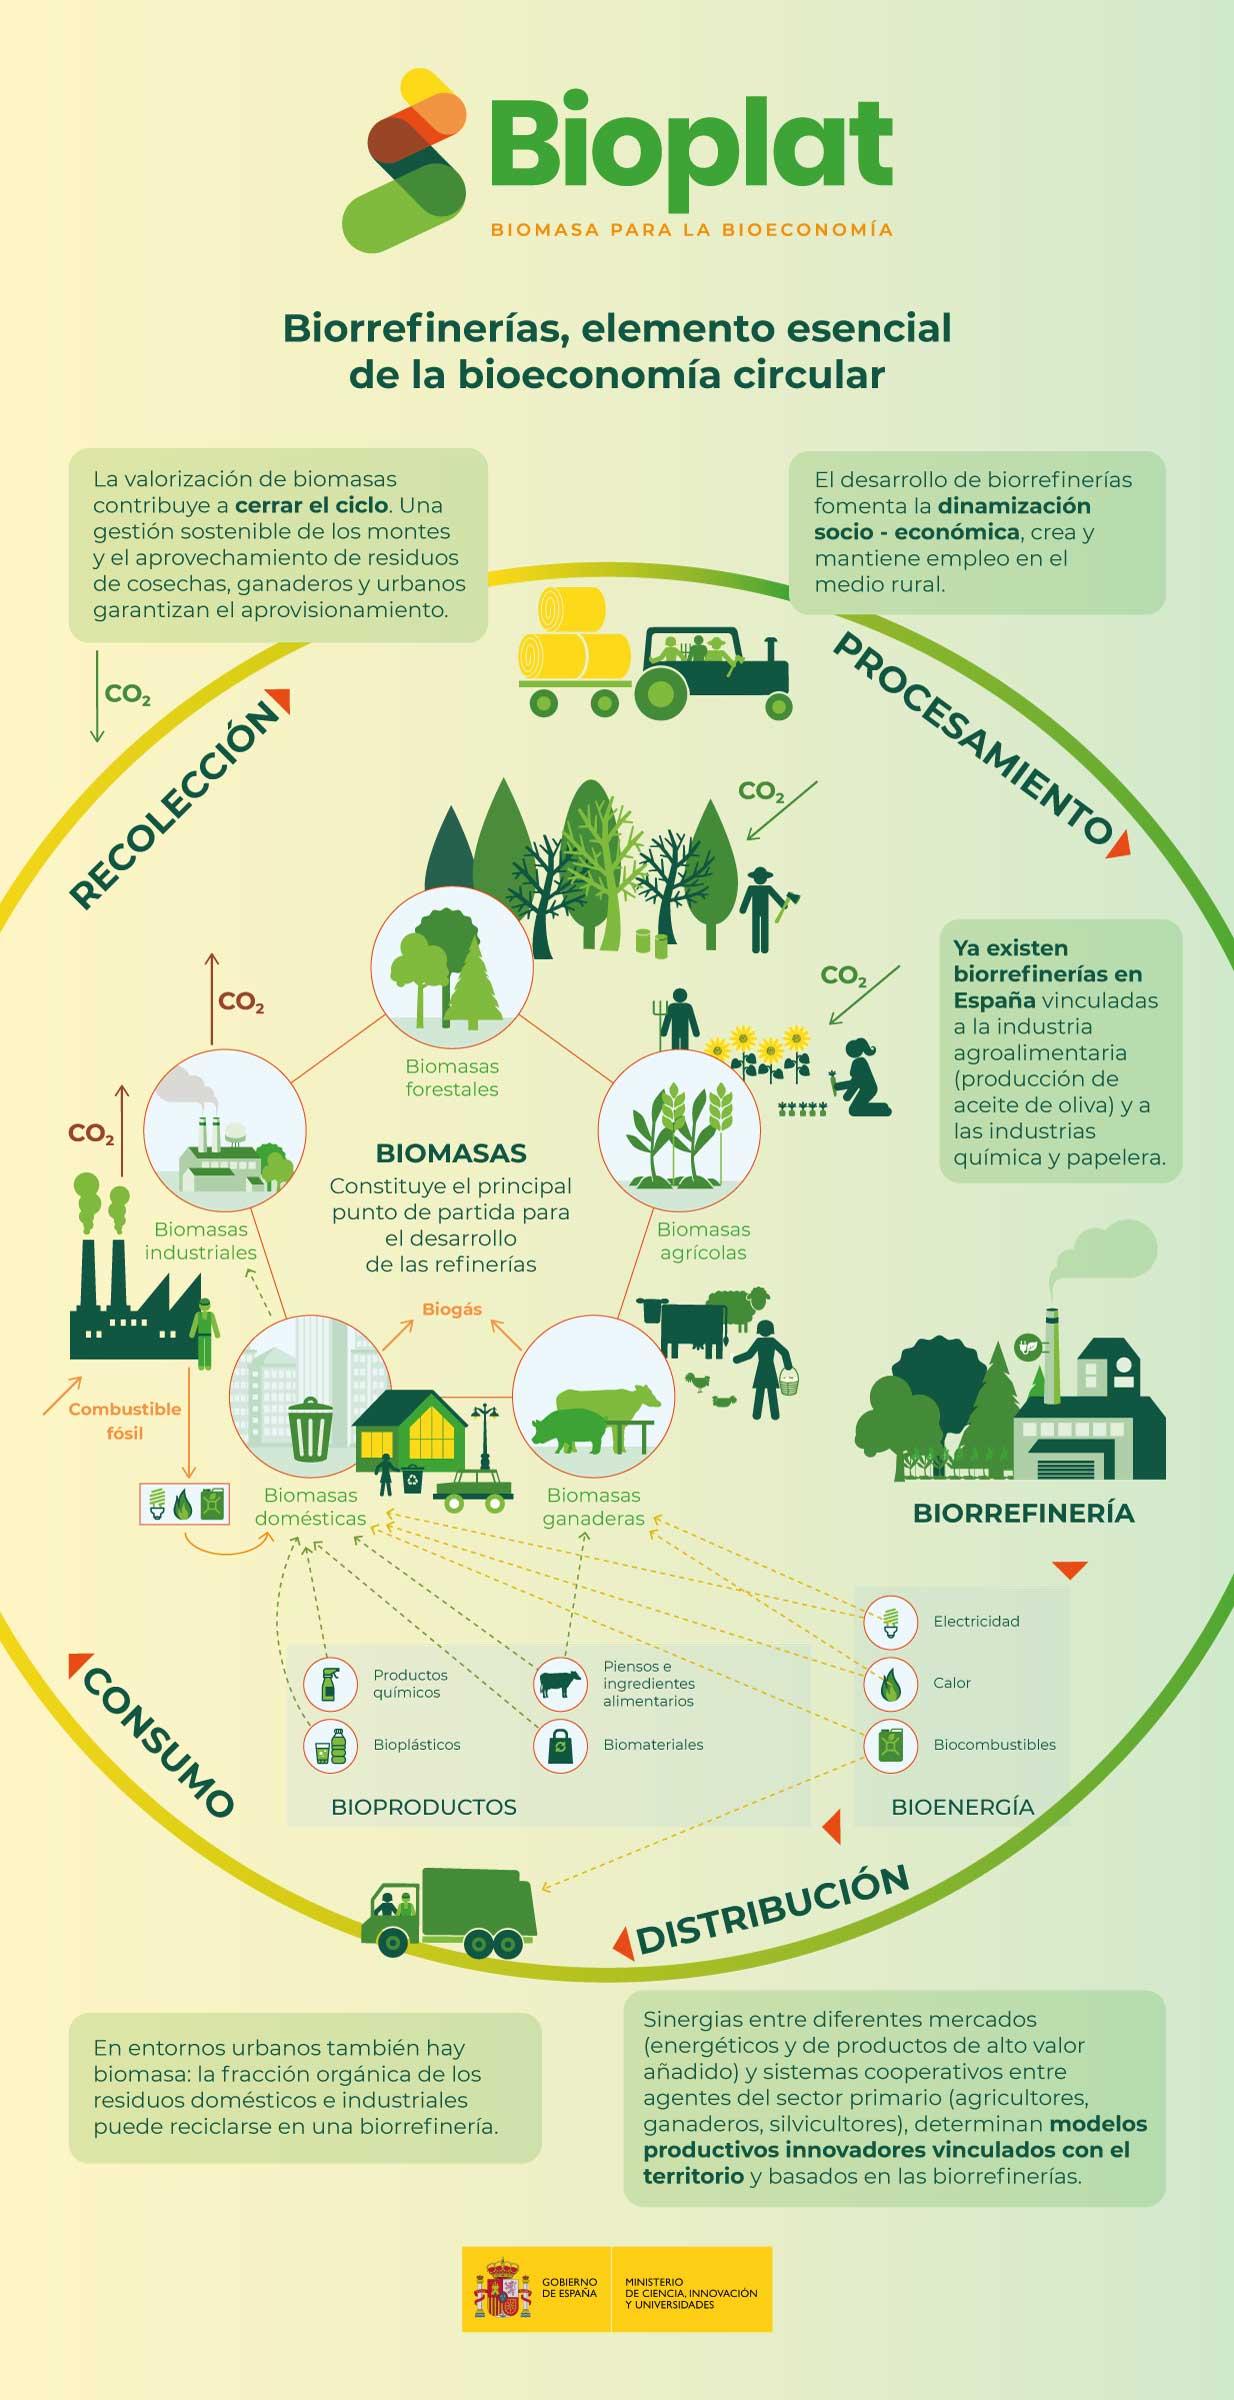 Biorrefinerías, elemento esencial de la bioeconomía circular